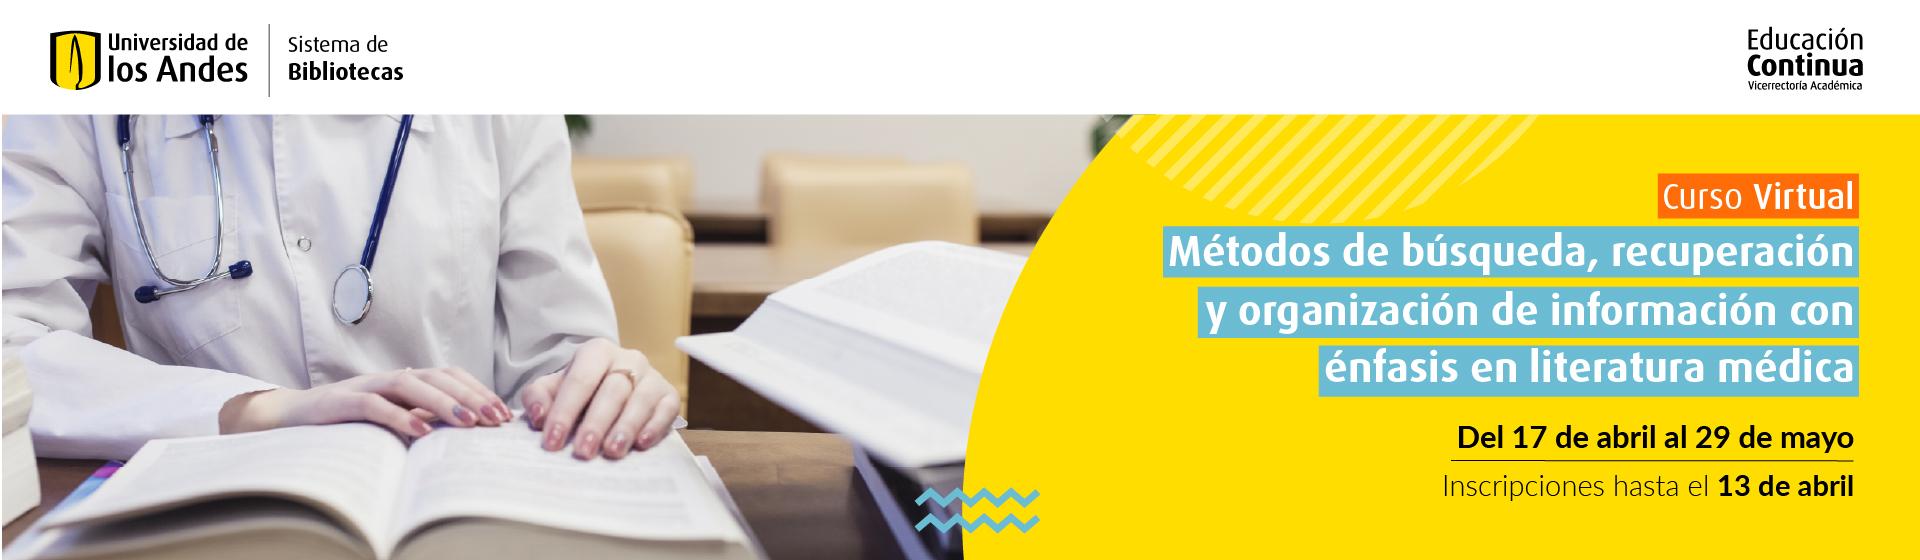 Métodos de búsqueda medicina | Uniandes